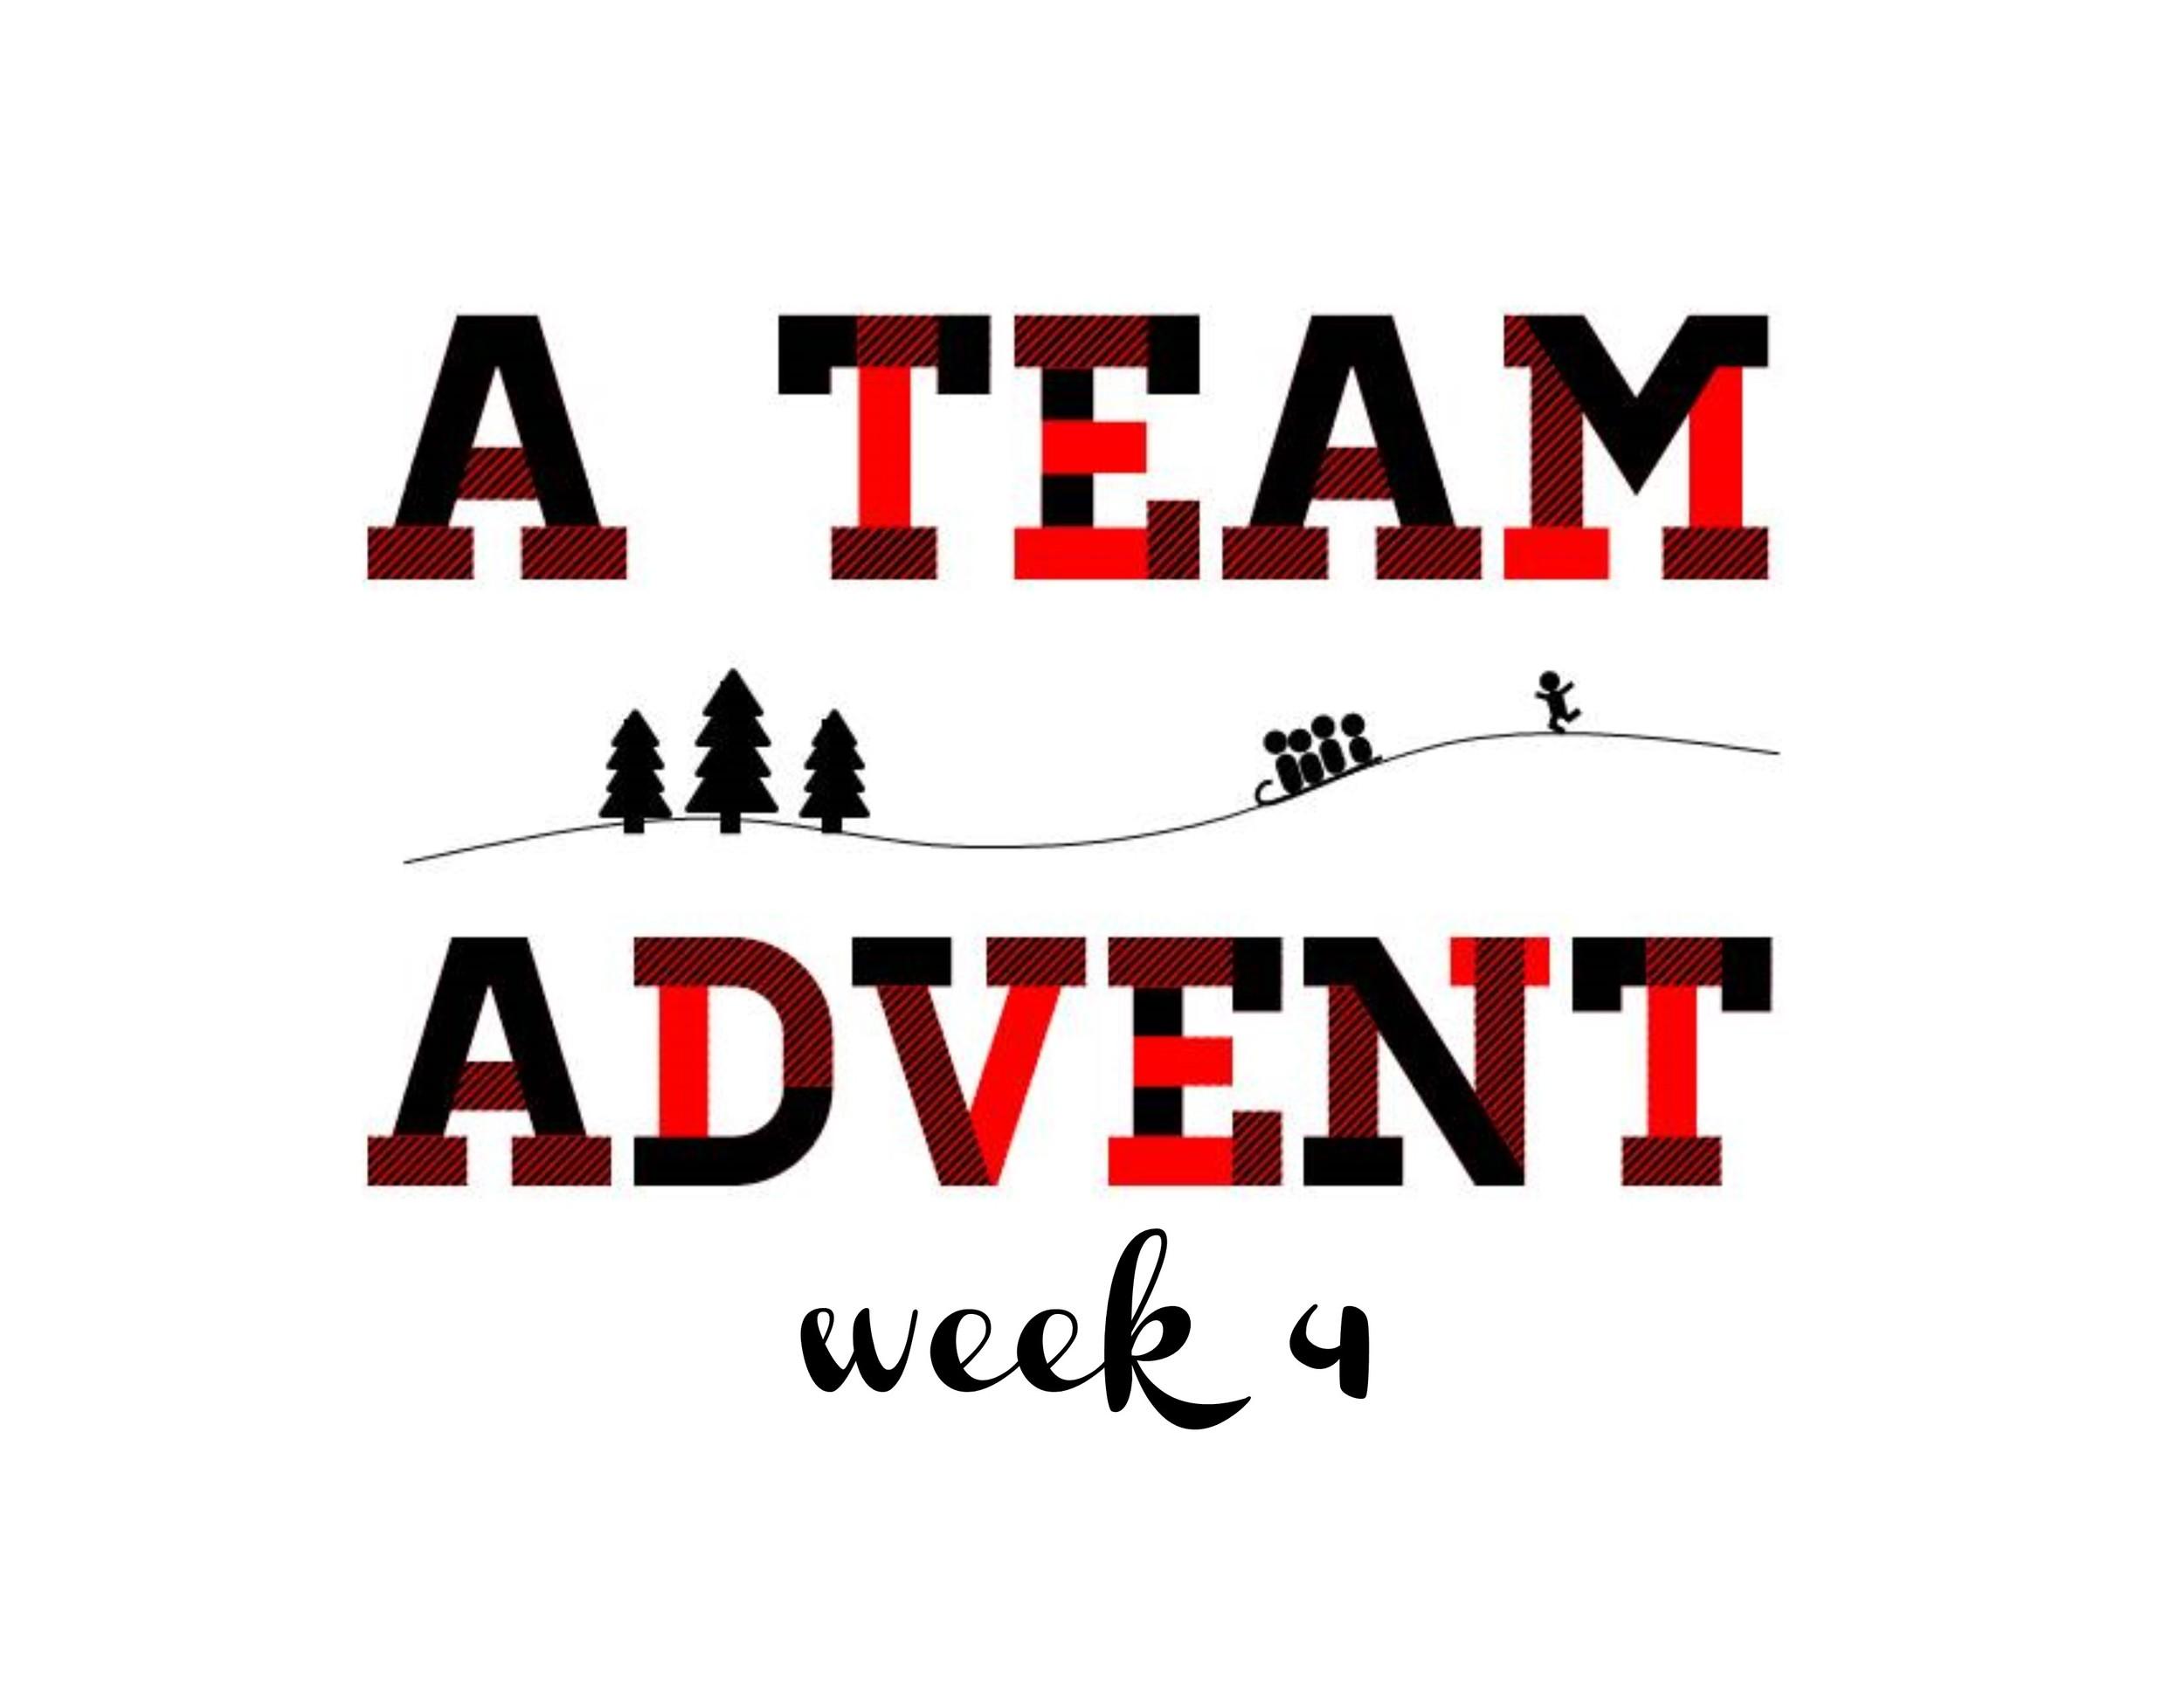 ateam_week4